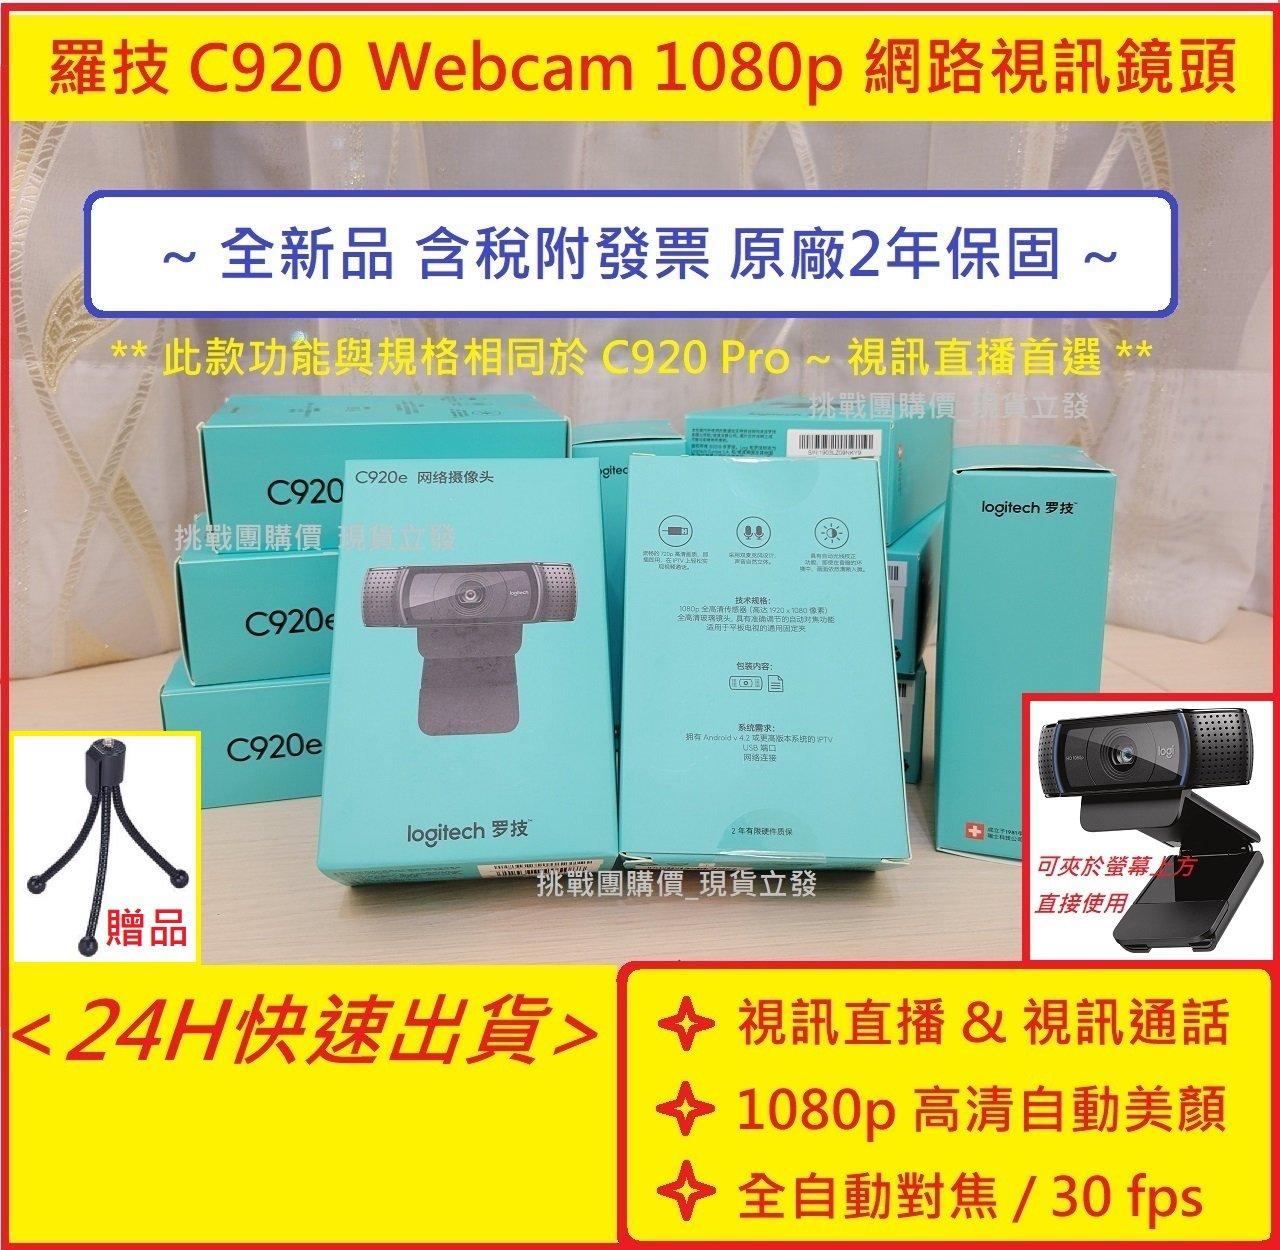 【全新品#現貨促銷】羅技 C920 Pro HD Webcam 1080P 網路攝影機 ~ 直播 高清 美顏 視訊鏡頭